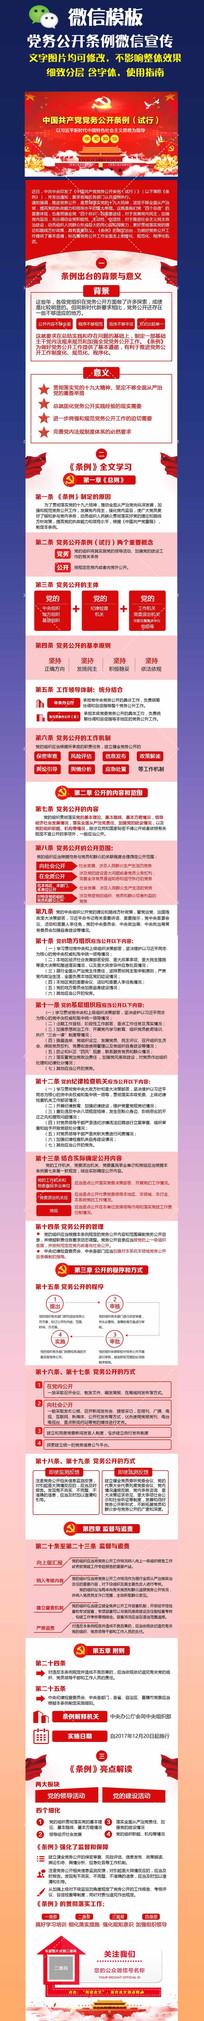 中国共产党党务公开条例微信